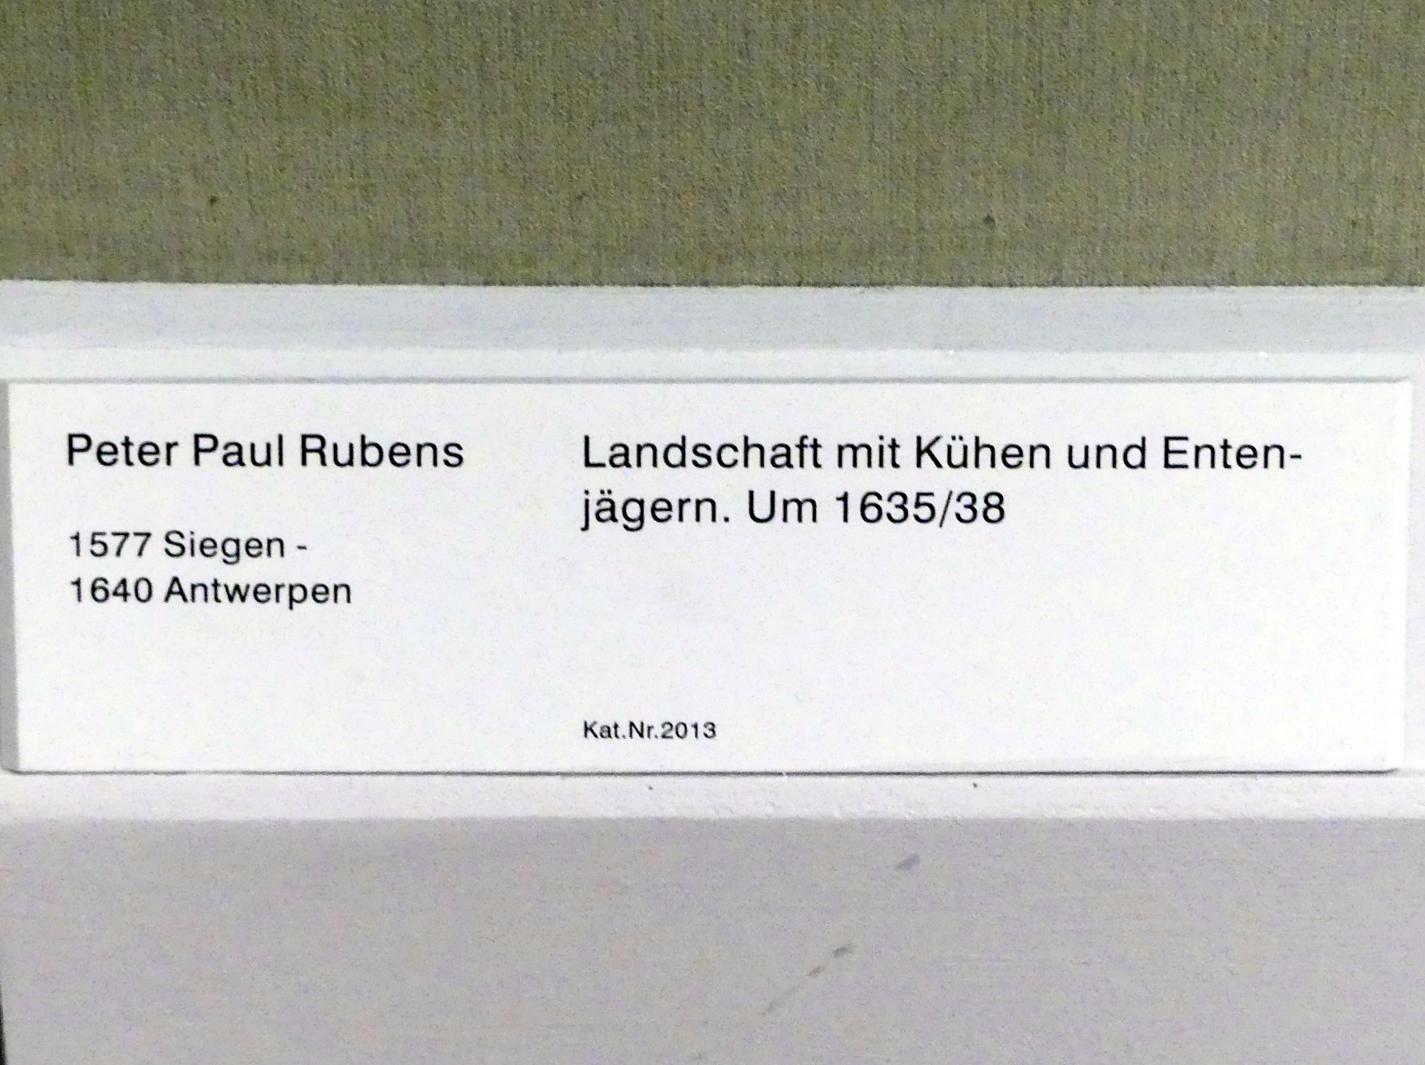 Peter Paul Rubens: Landschaft mit Kühen und Entenjägern, um 1635 - 1638, Bild 2/2